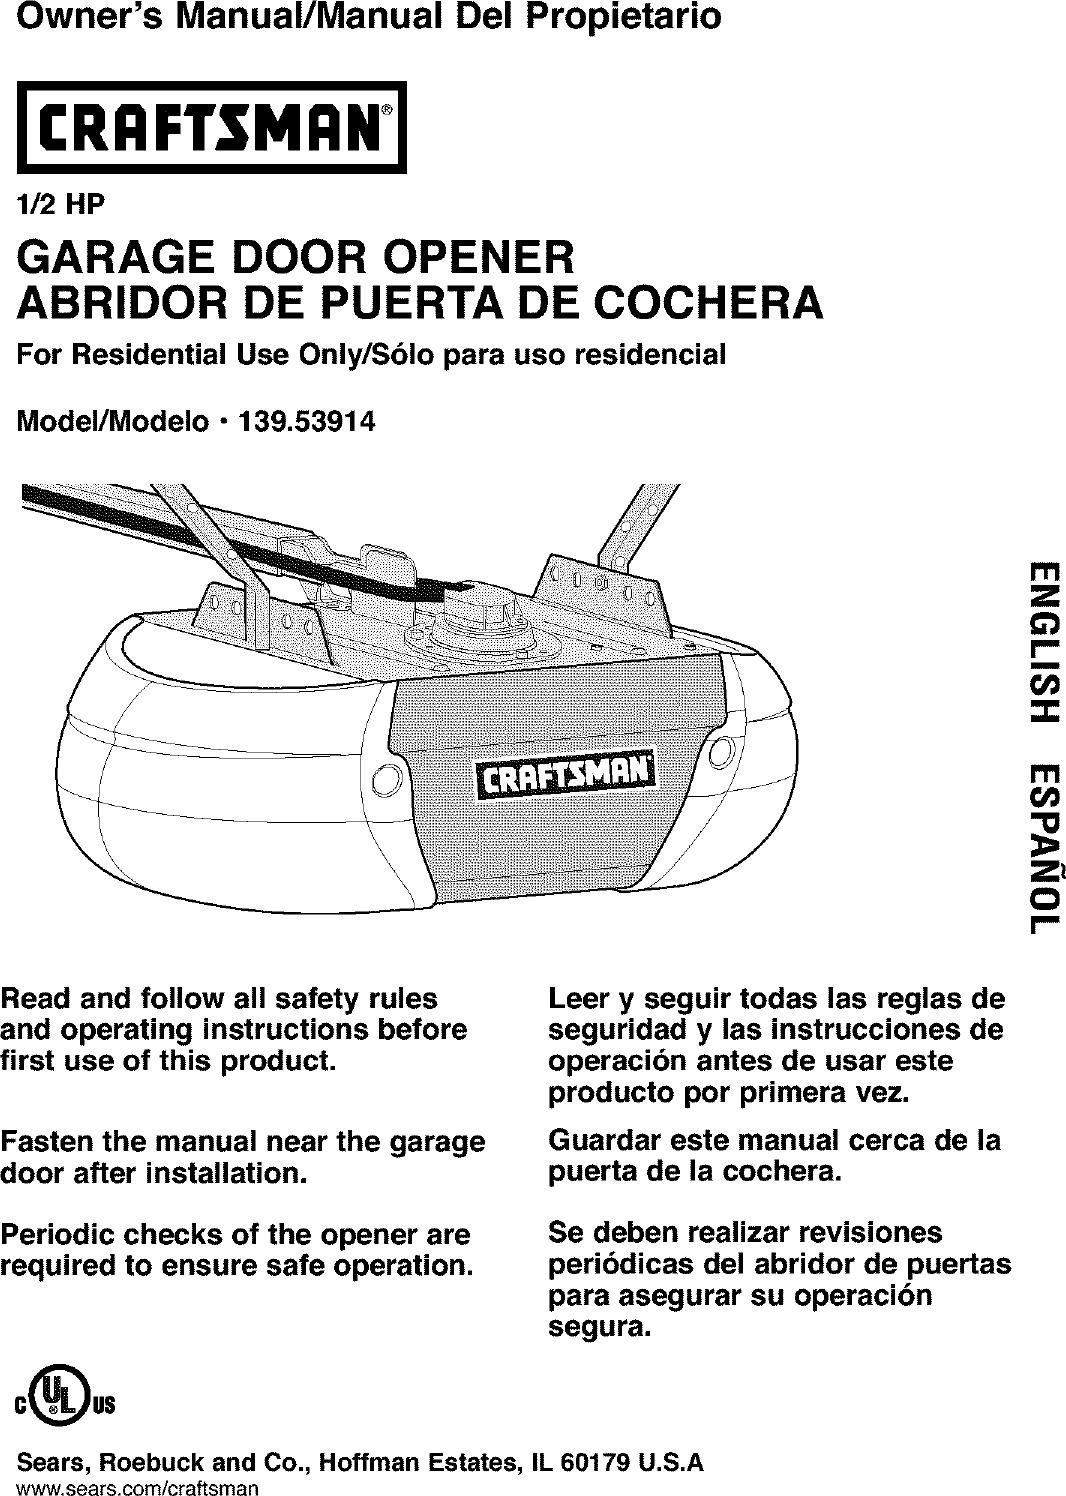 Craftsman 13953914 User Manual GARAGE DOOR OPENER Manuals ... on